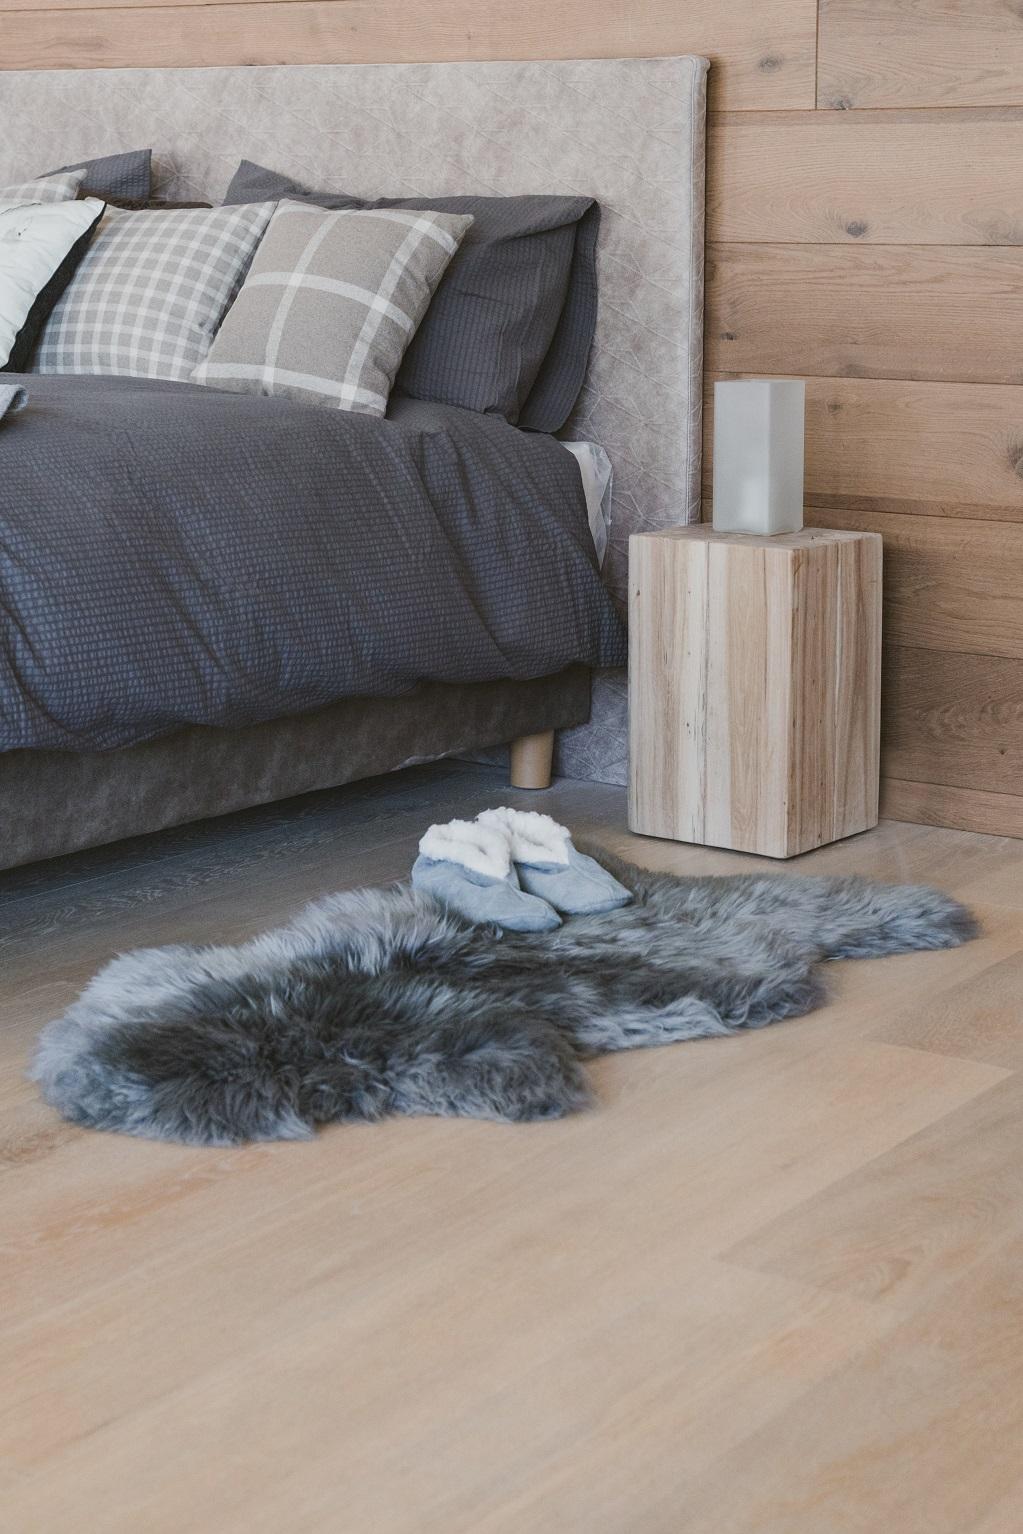 toni del grigio sul letto stile minimalista e sul tappeto di vera pelle di montone